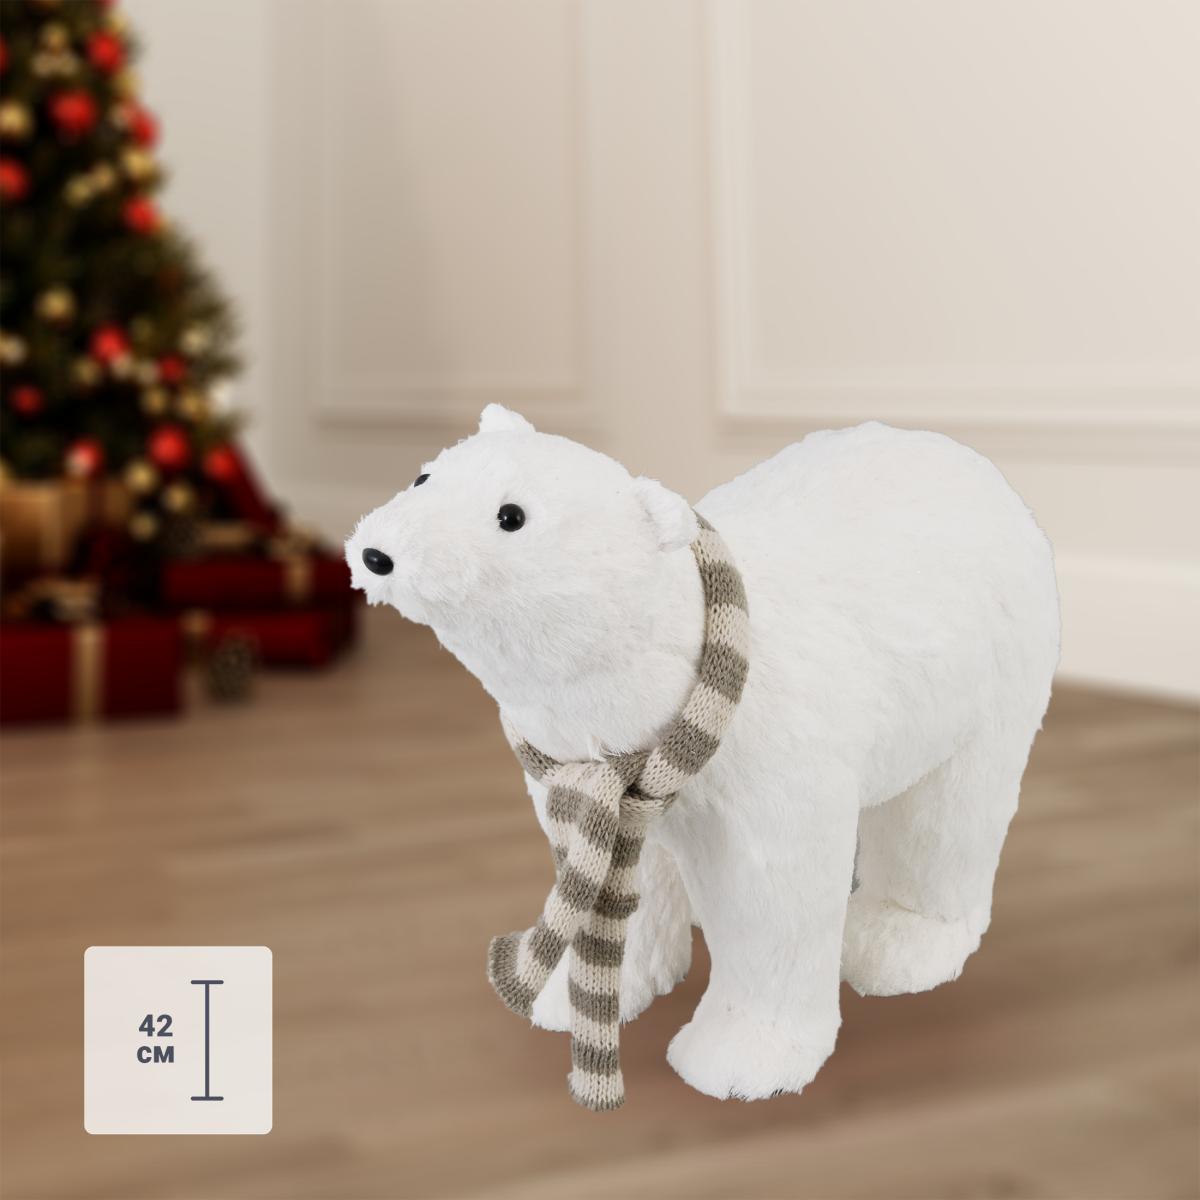 Мягкая Игрушка Белый Мишка С Шарфом 42